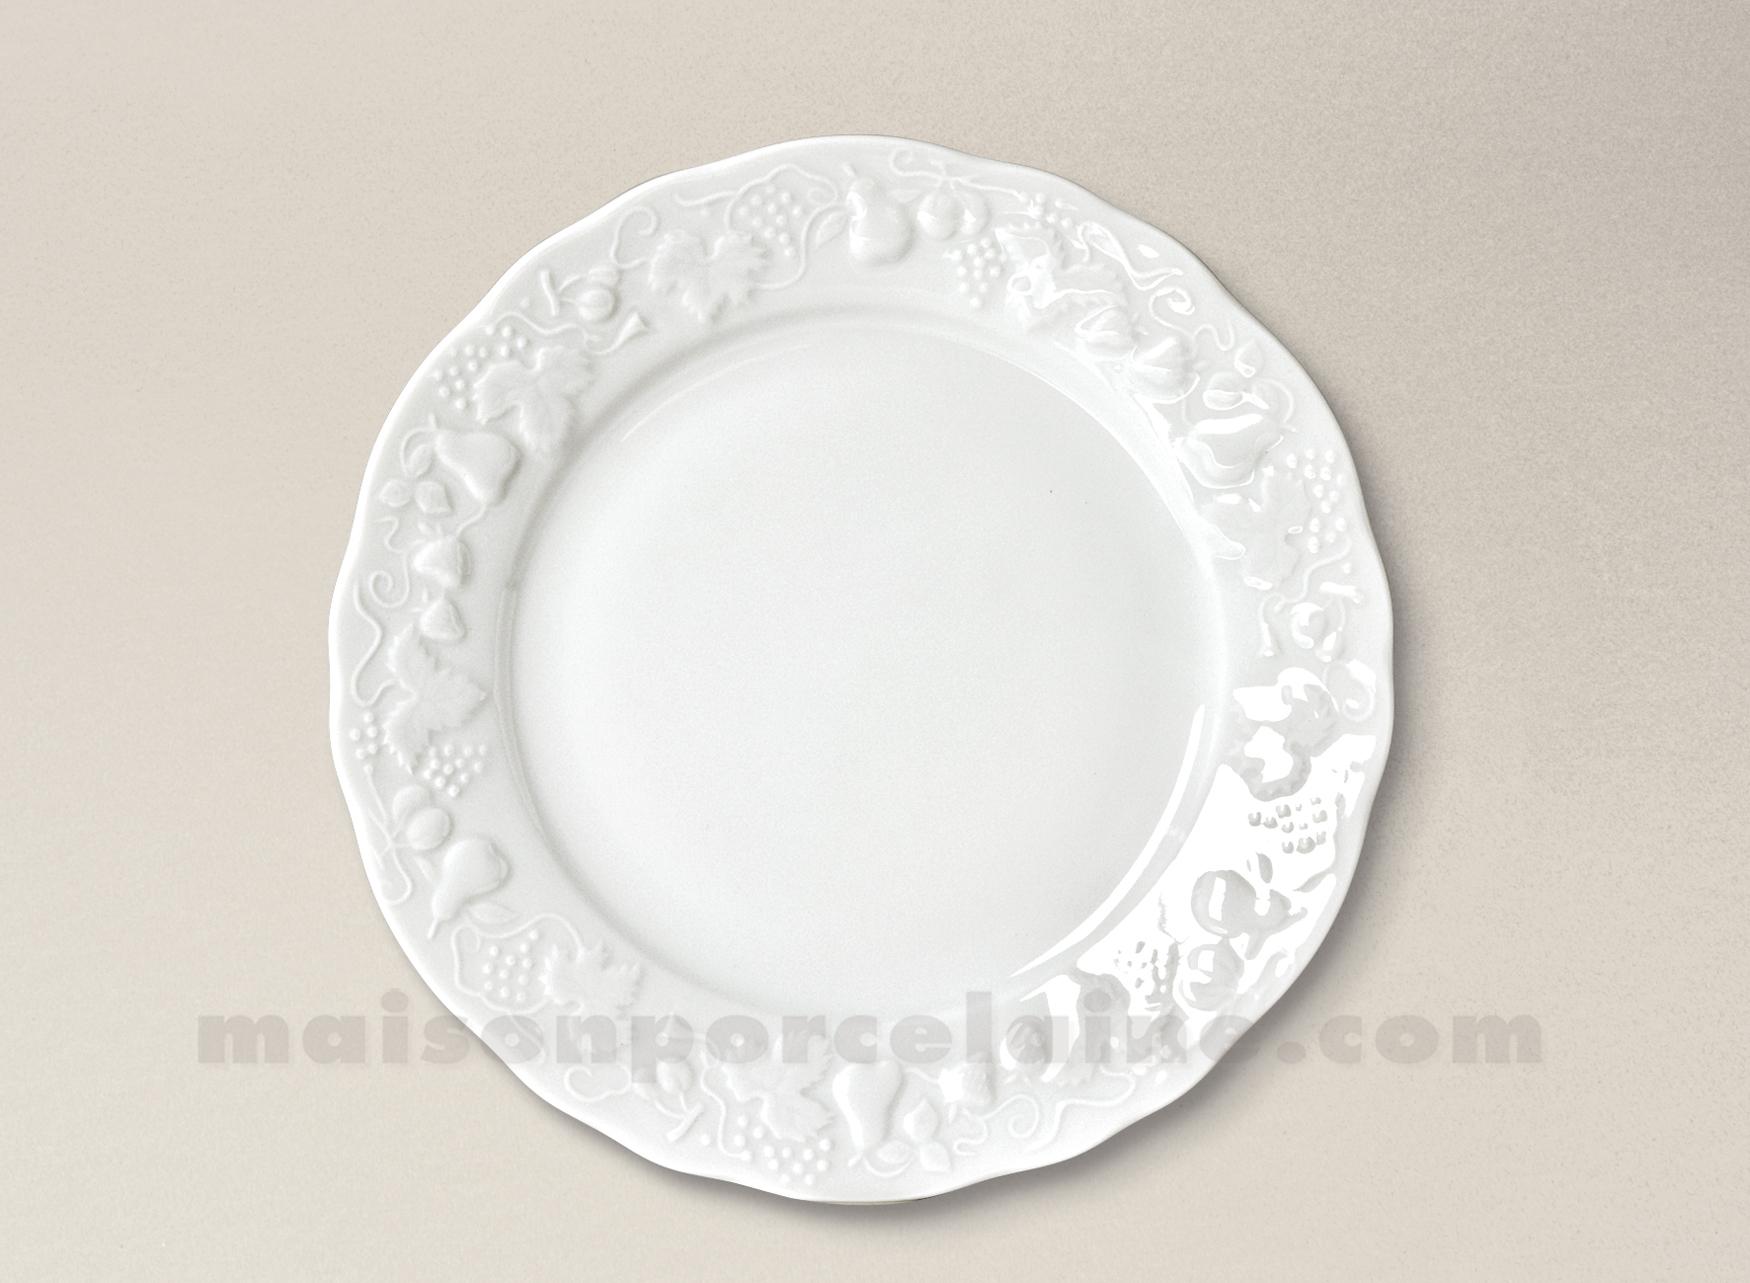 assiette dessert california porcelaine blanche limoges d22 maison de la porcelaine. Black Bedroom Furniture Sets. Home Design Ideas